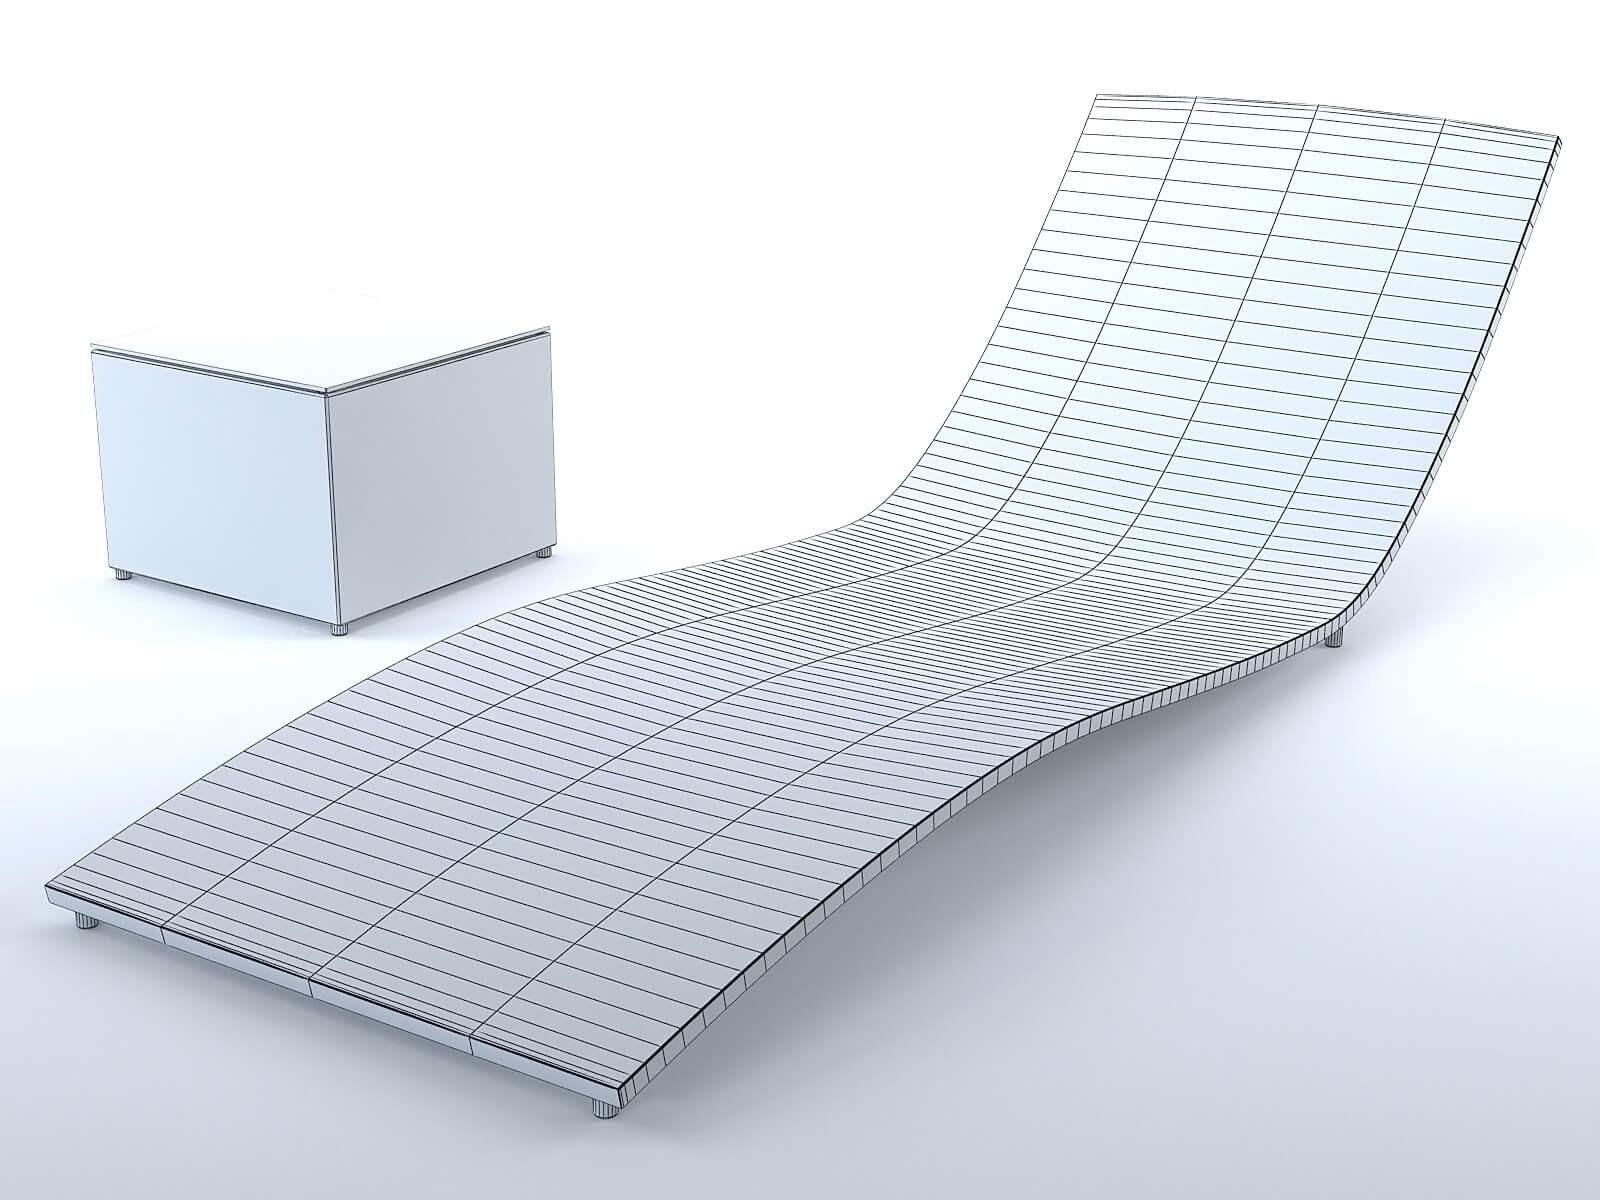 chaise longue ext rieur osier noir mod le 3d. Black Bedroom Furniture Sets. Home Design Ideas